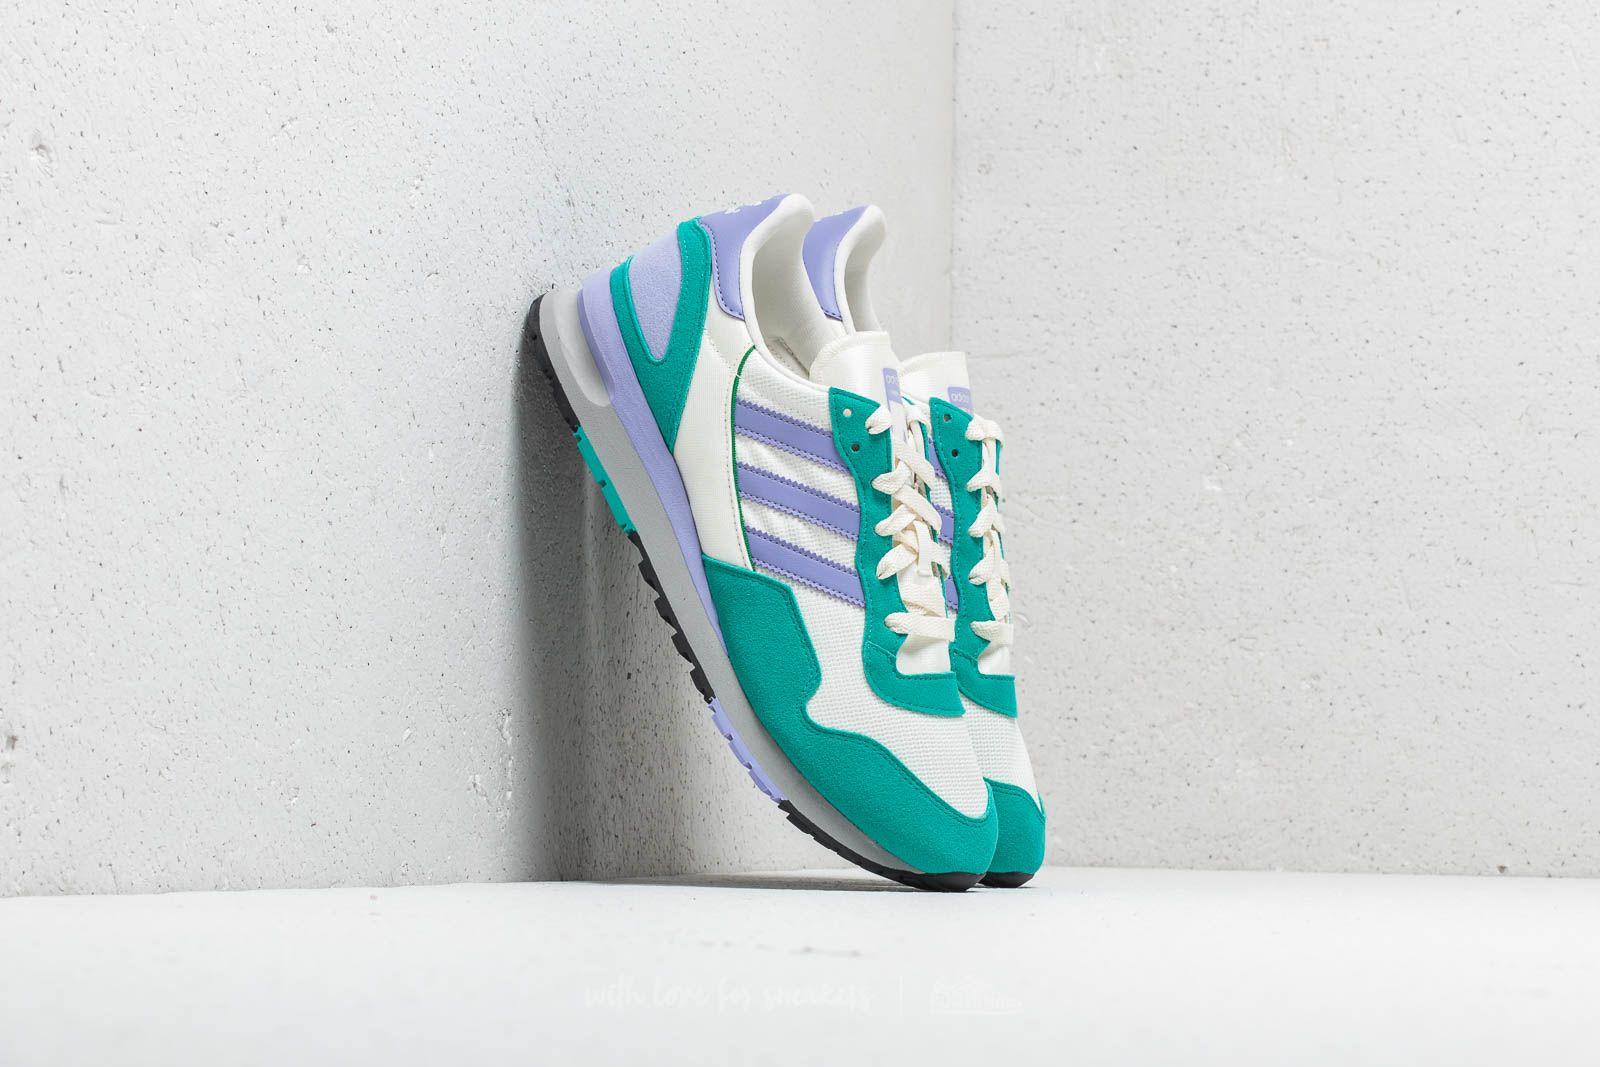 adidas Lowertree SPZL Off White/ Light Purple/ Aero Reef za skvělou cenu 2 239 Kč koupíte na Footshop.cz